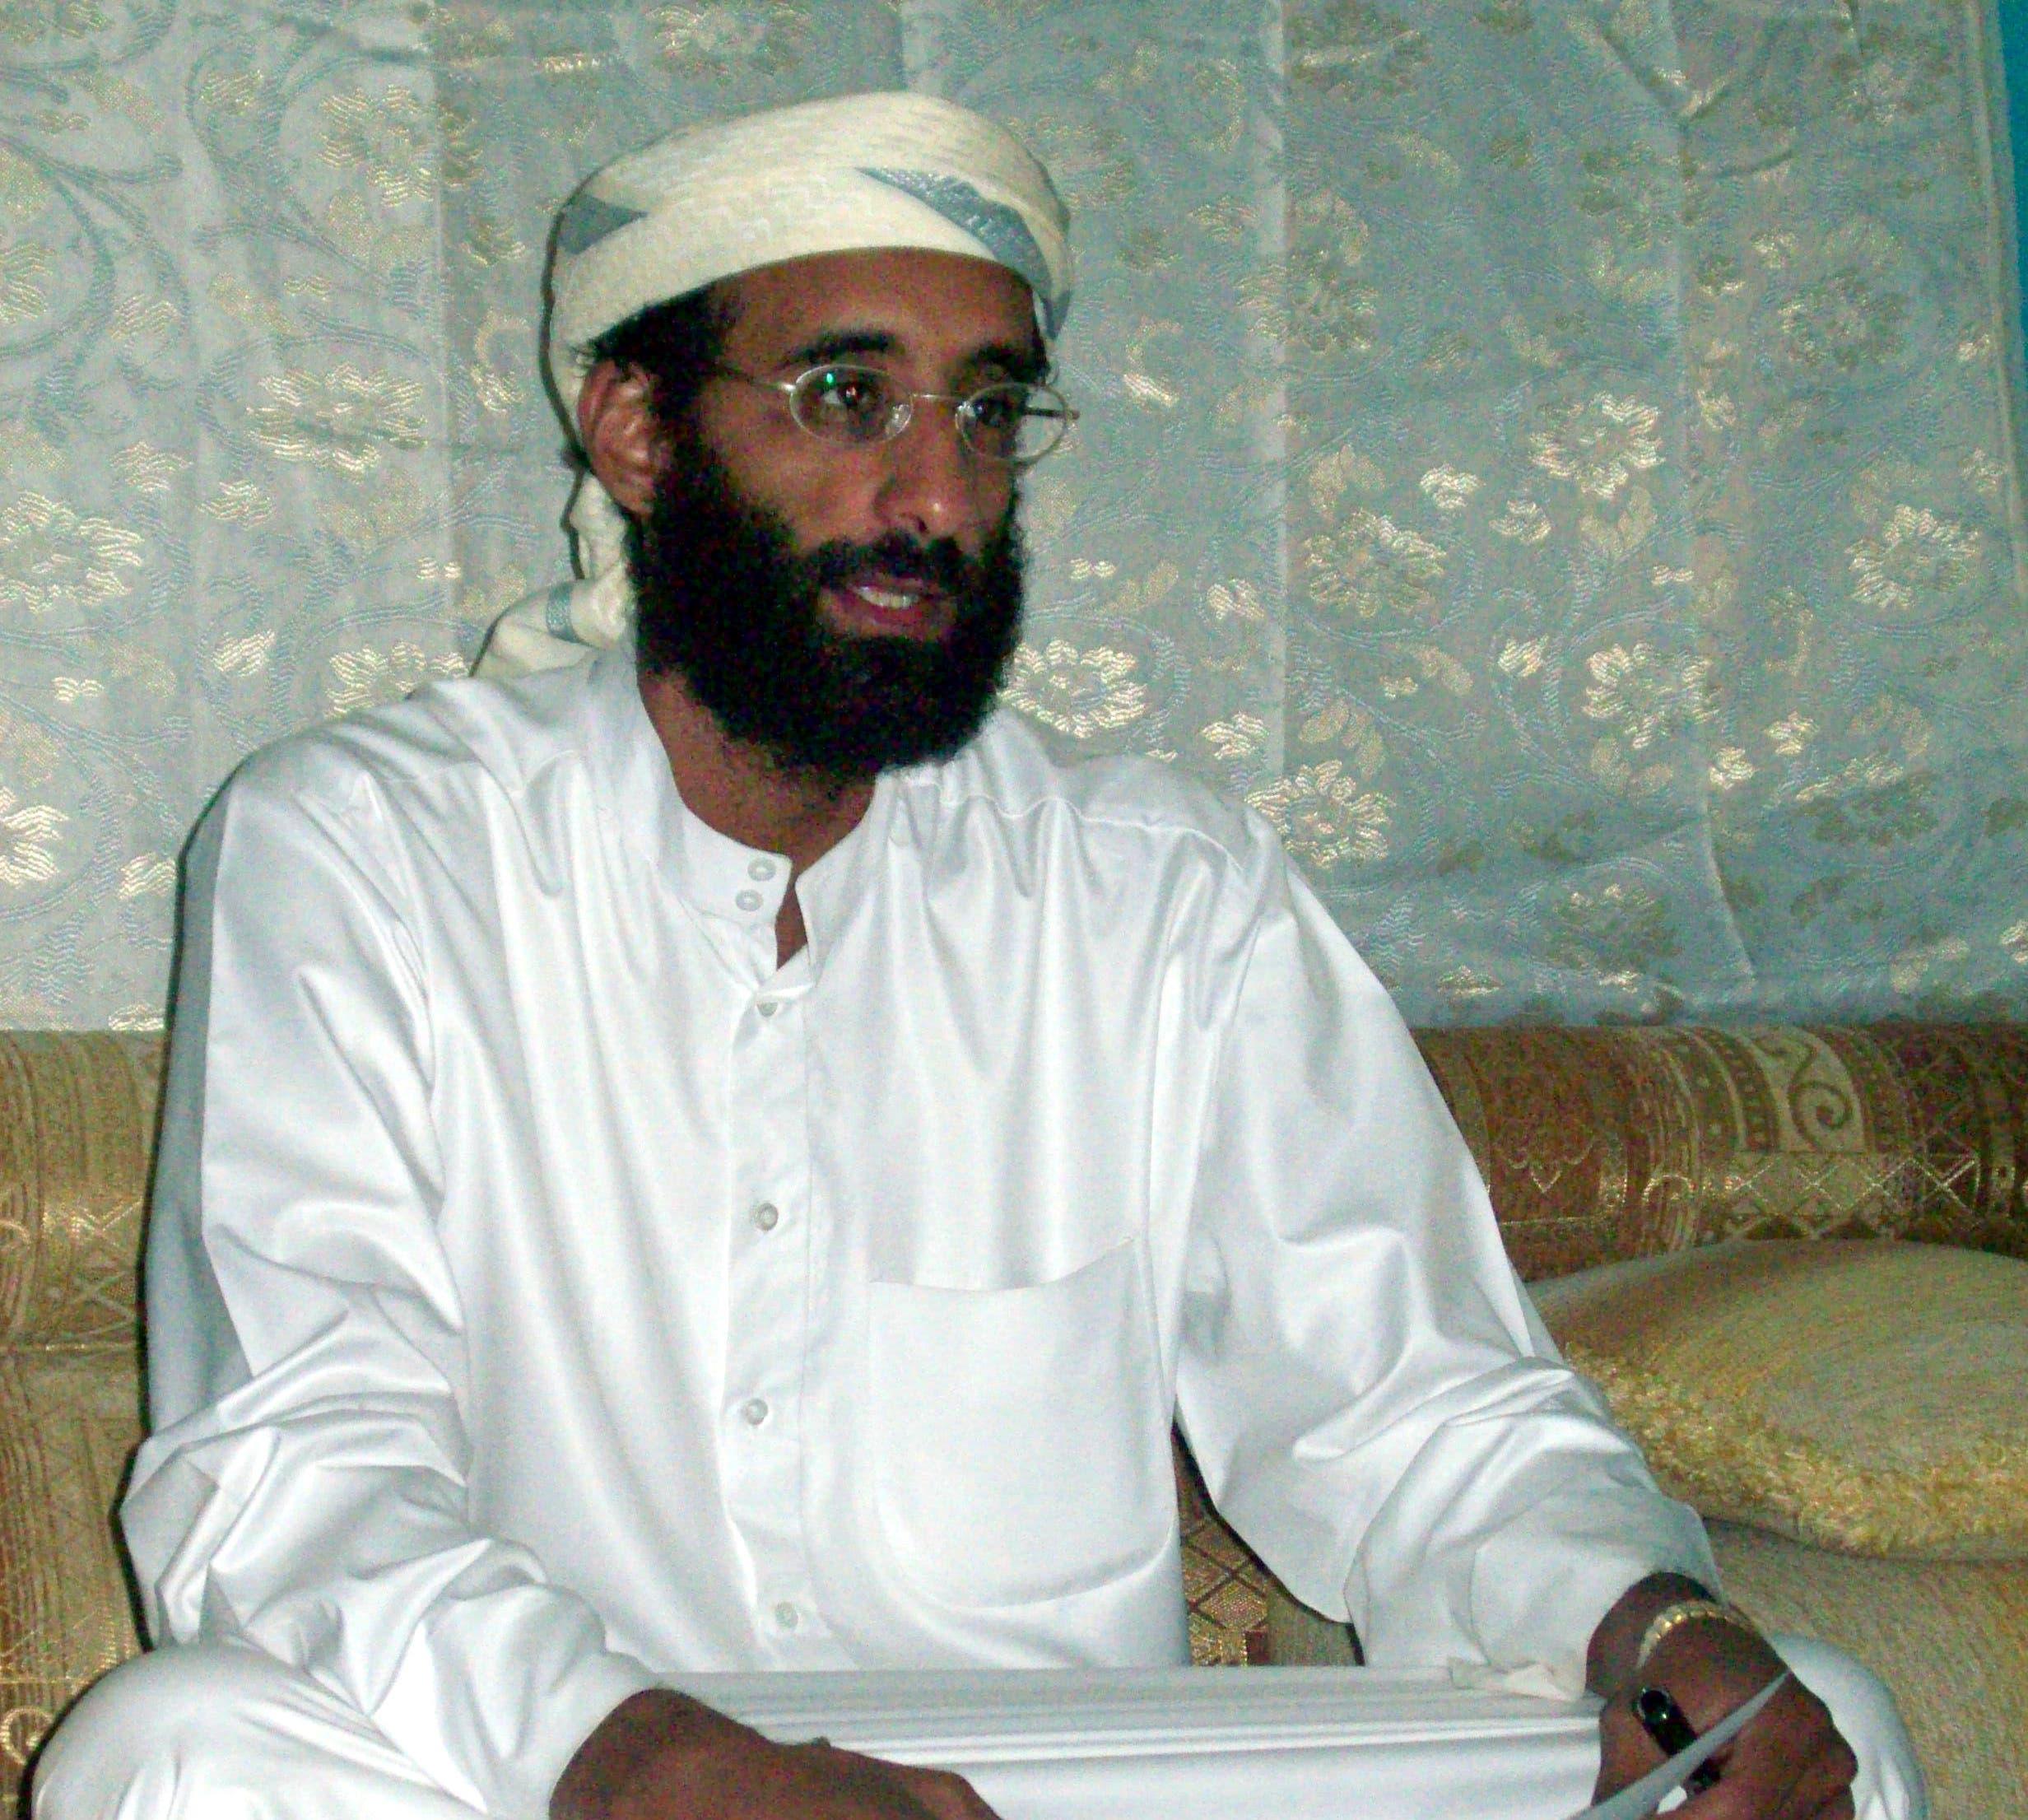 This October 2008, file photo shows Imam Anwar al-Awlaki in Yemen. (AP)